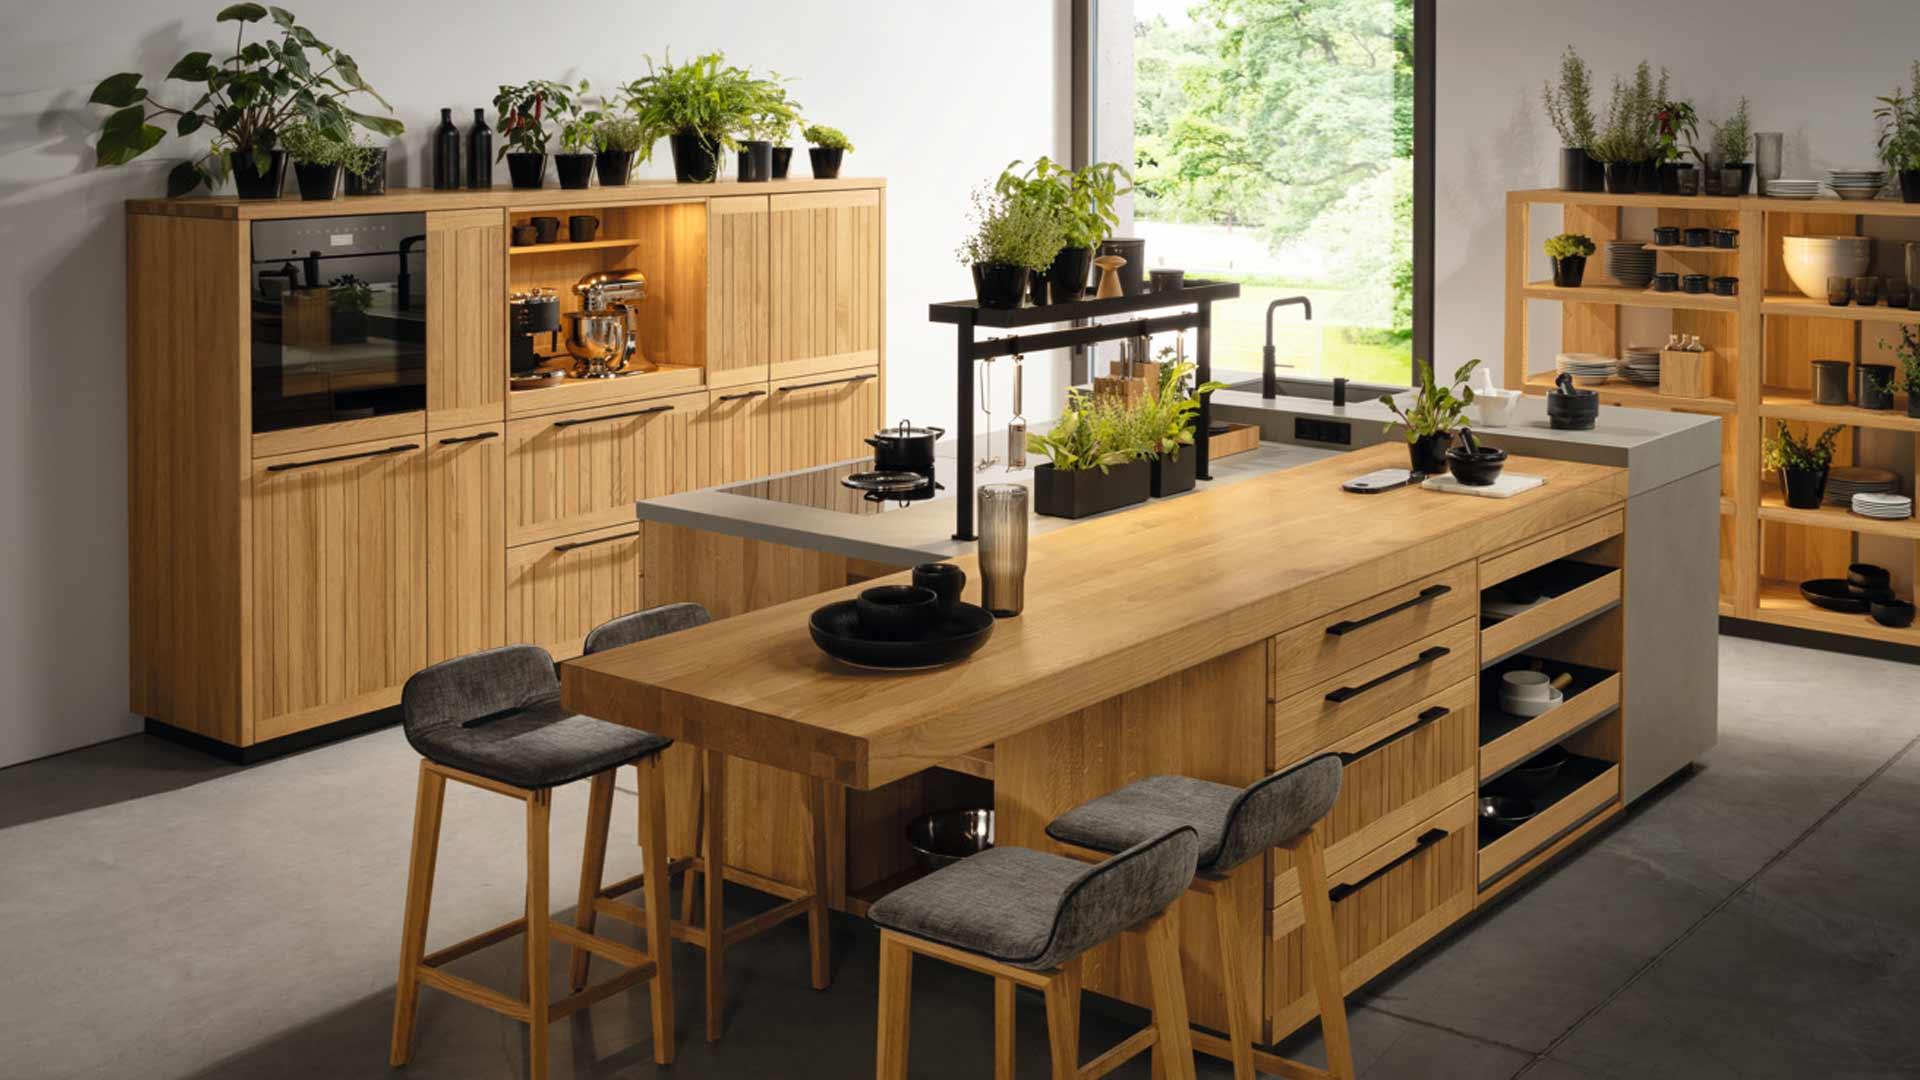 Einbauk Chen Bildergalerie stunning team 7 küche contemporary design ideas 2018 mrshesha com